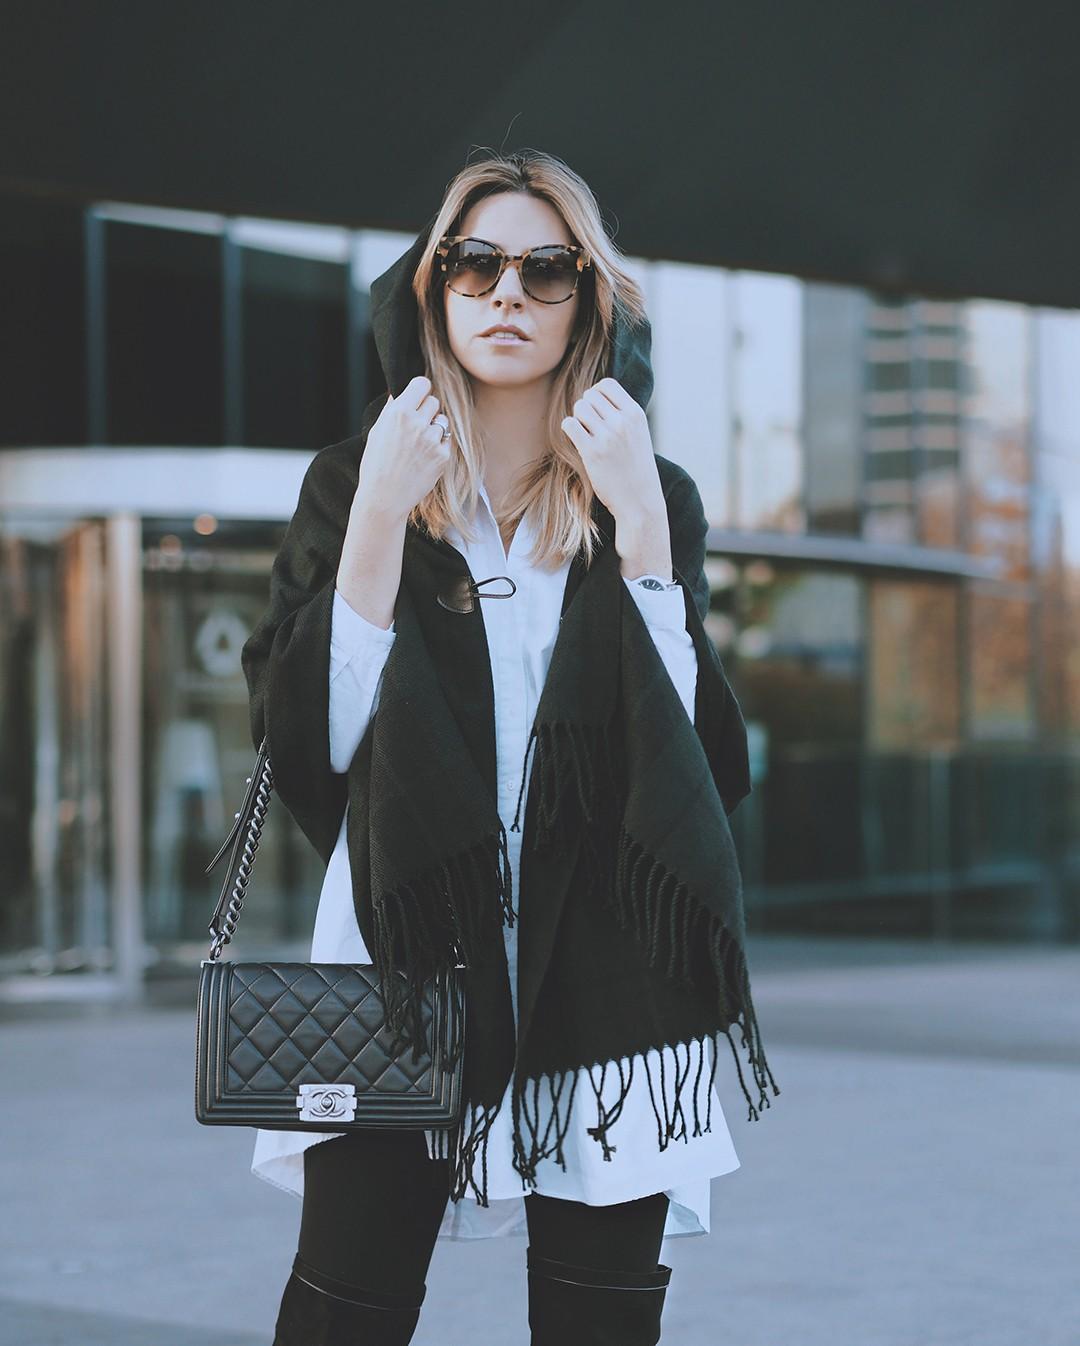 cape-fashion-blogger-oxygene-autumn-2styleimg_2093